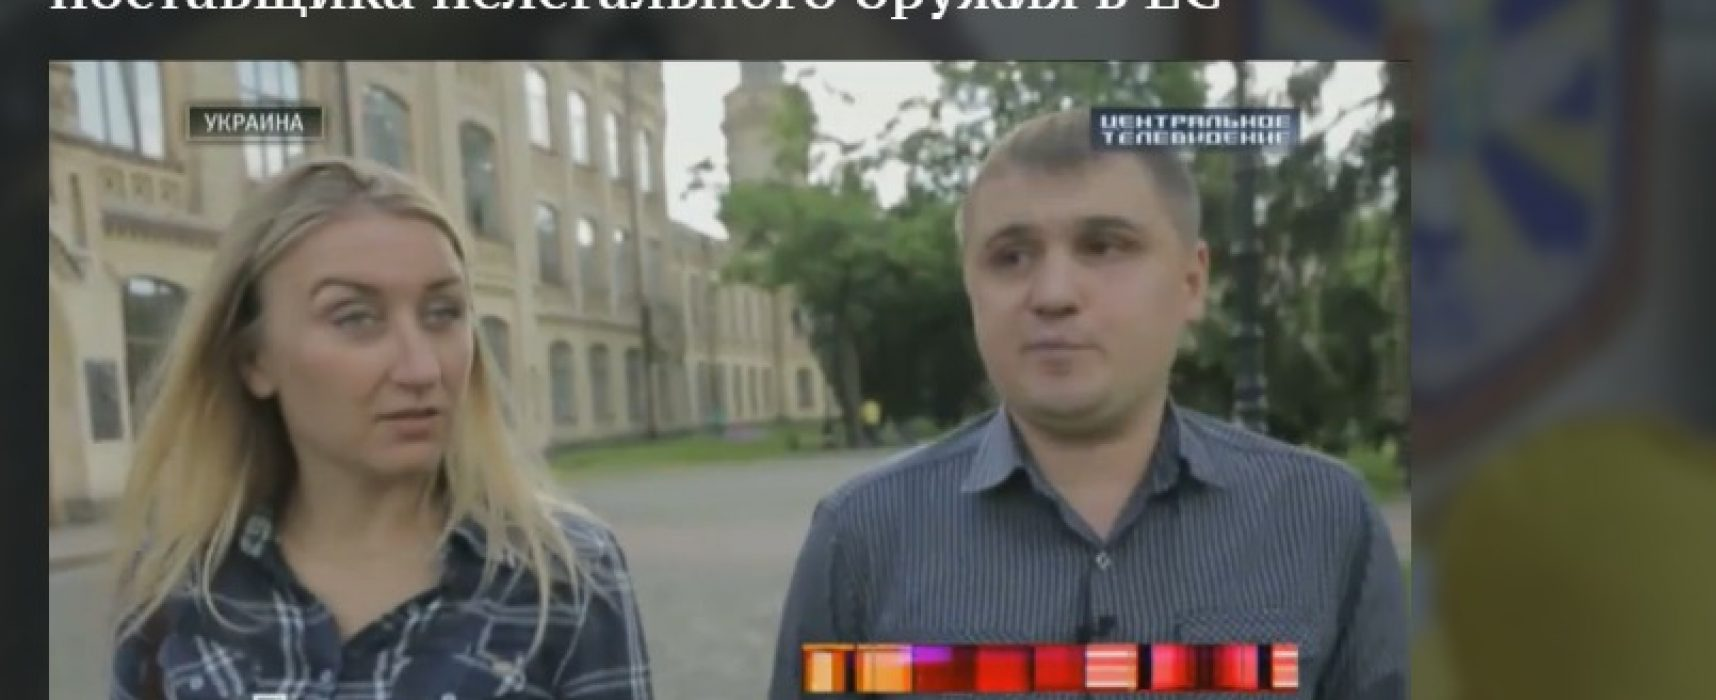 El canal ruso NTV presentó al comunista como si fuera un experto militar